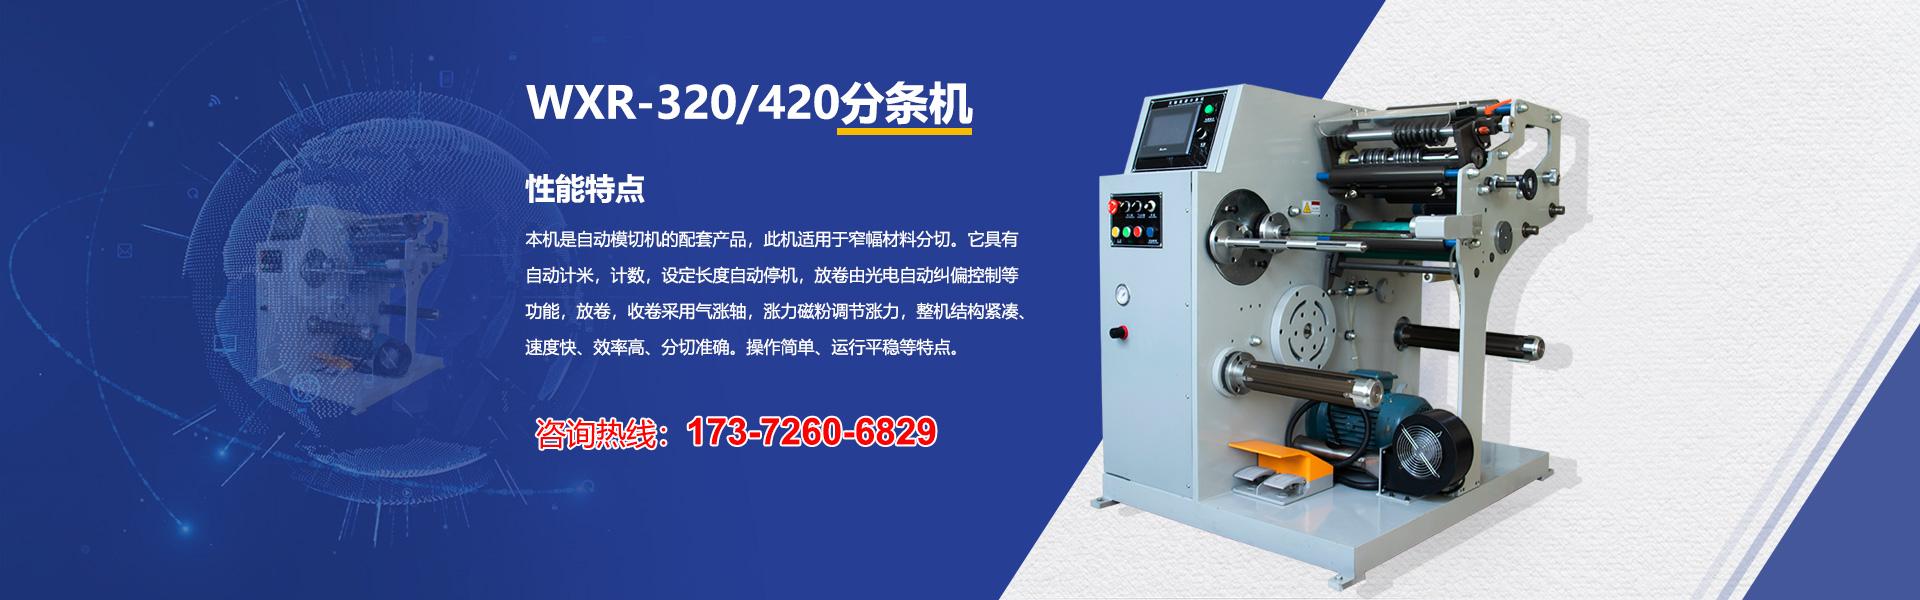 江苏威翔瑞智能设备科技有限公司